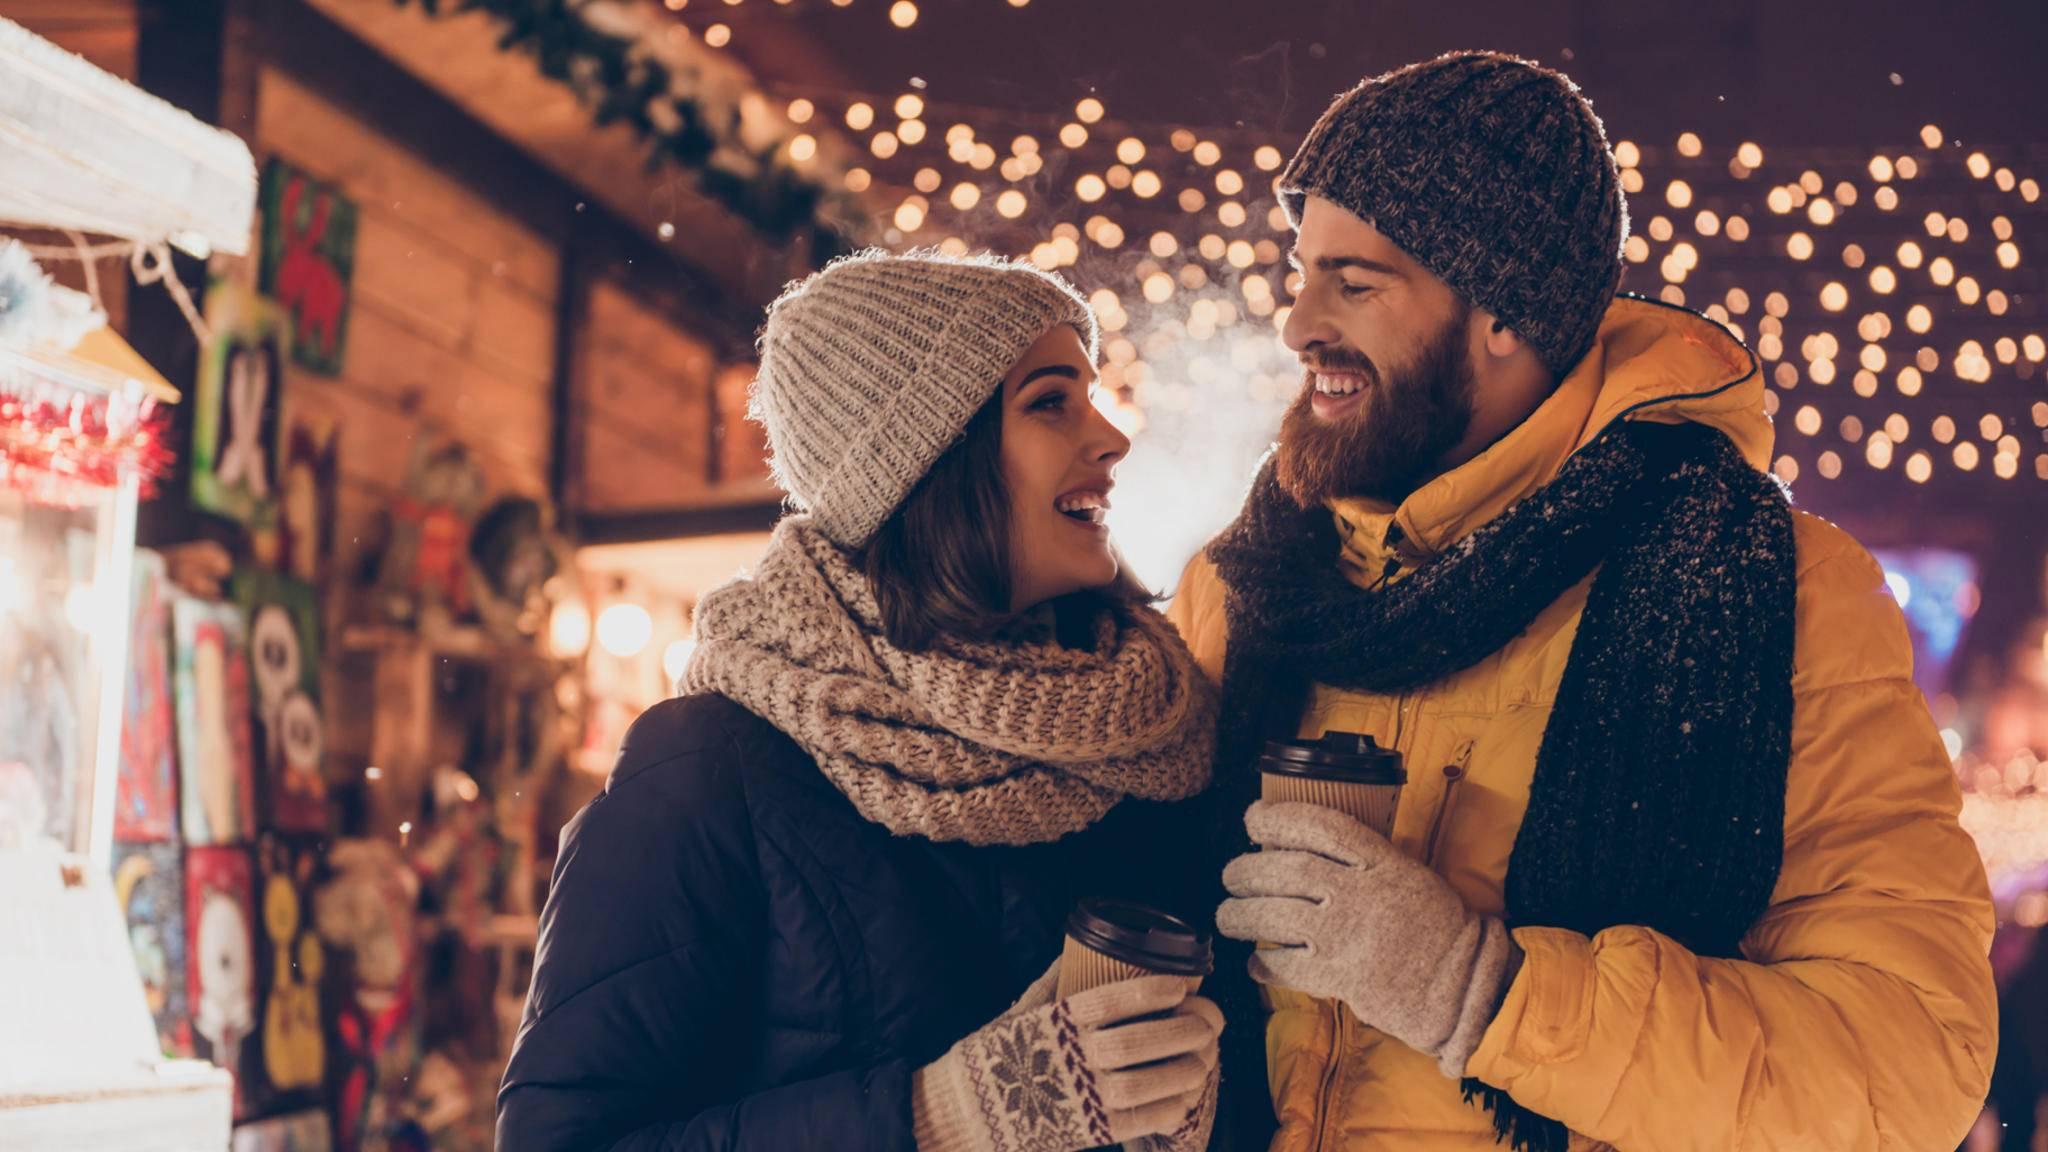 Weihnachtsmarkt weihnachten paar